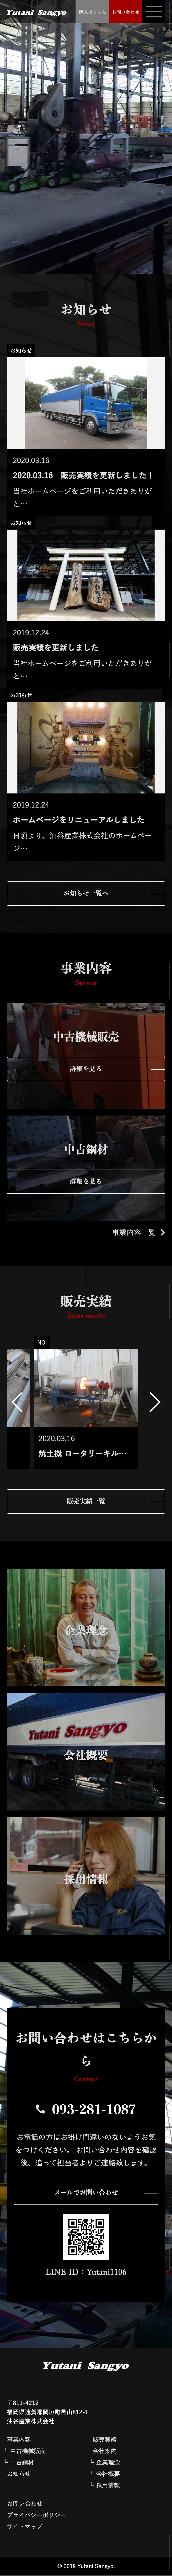 油谷産業株式会社様 ホームページ SP画像